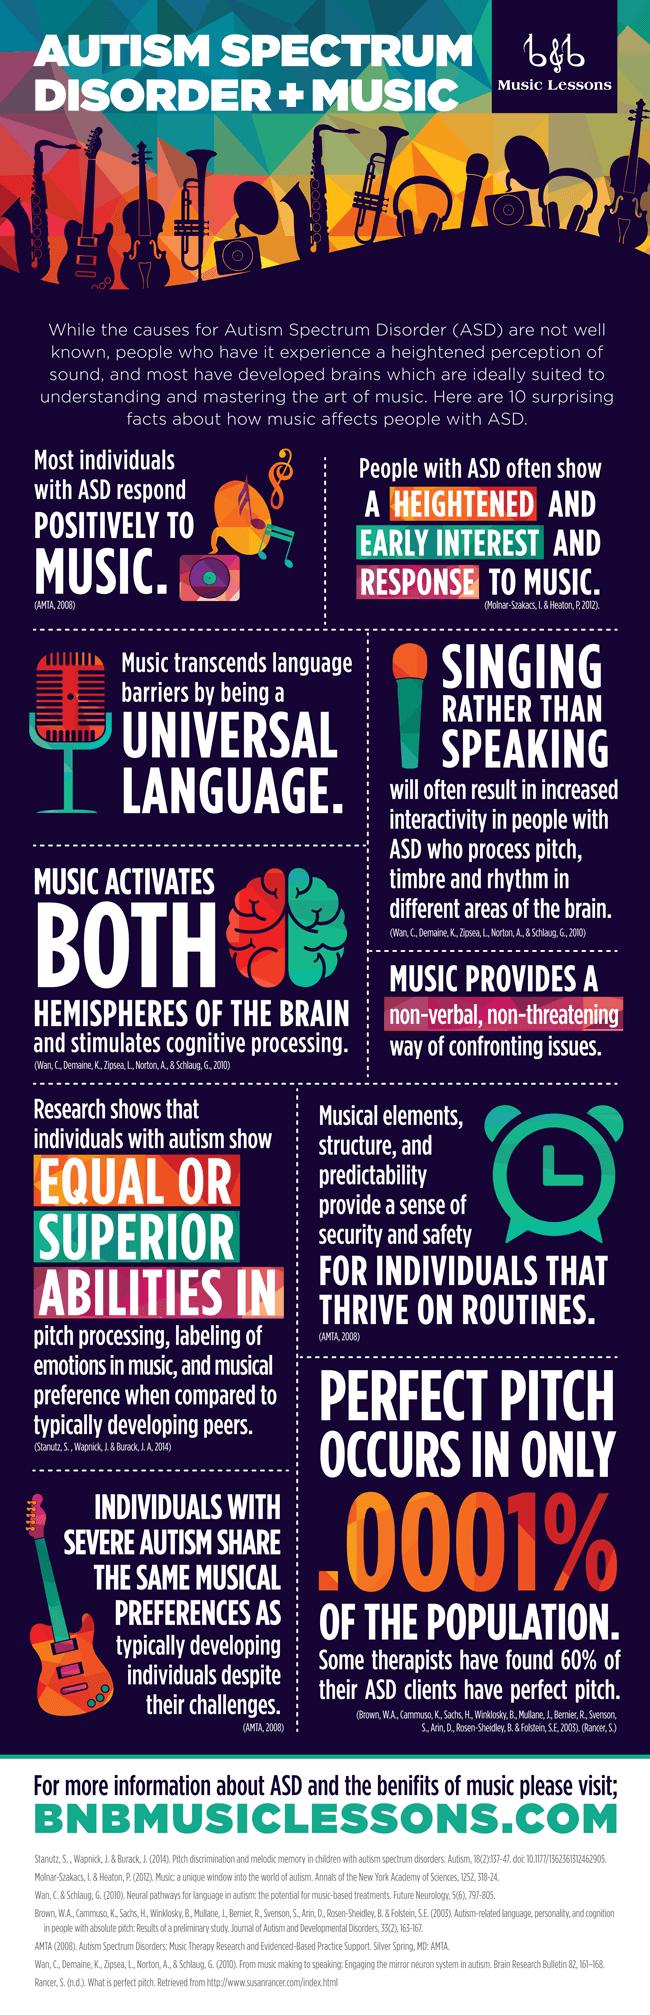 Autism Spectrum Disorder & Music Infographic